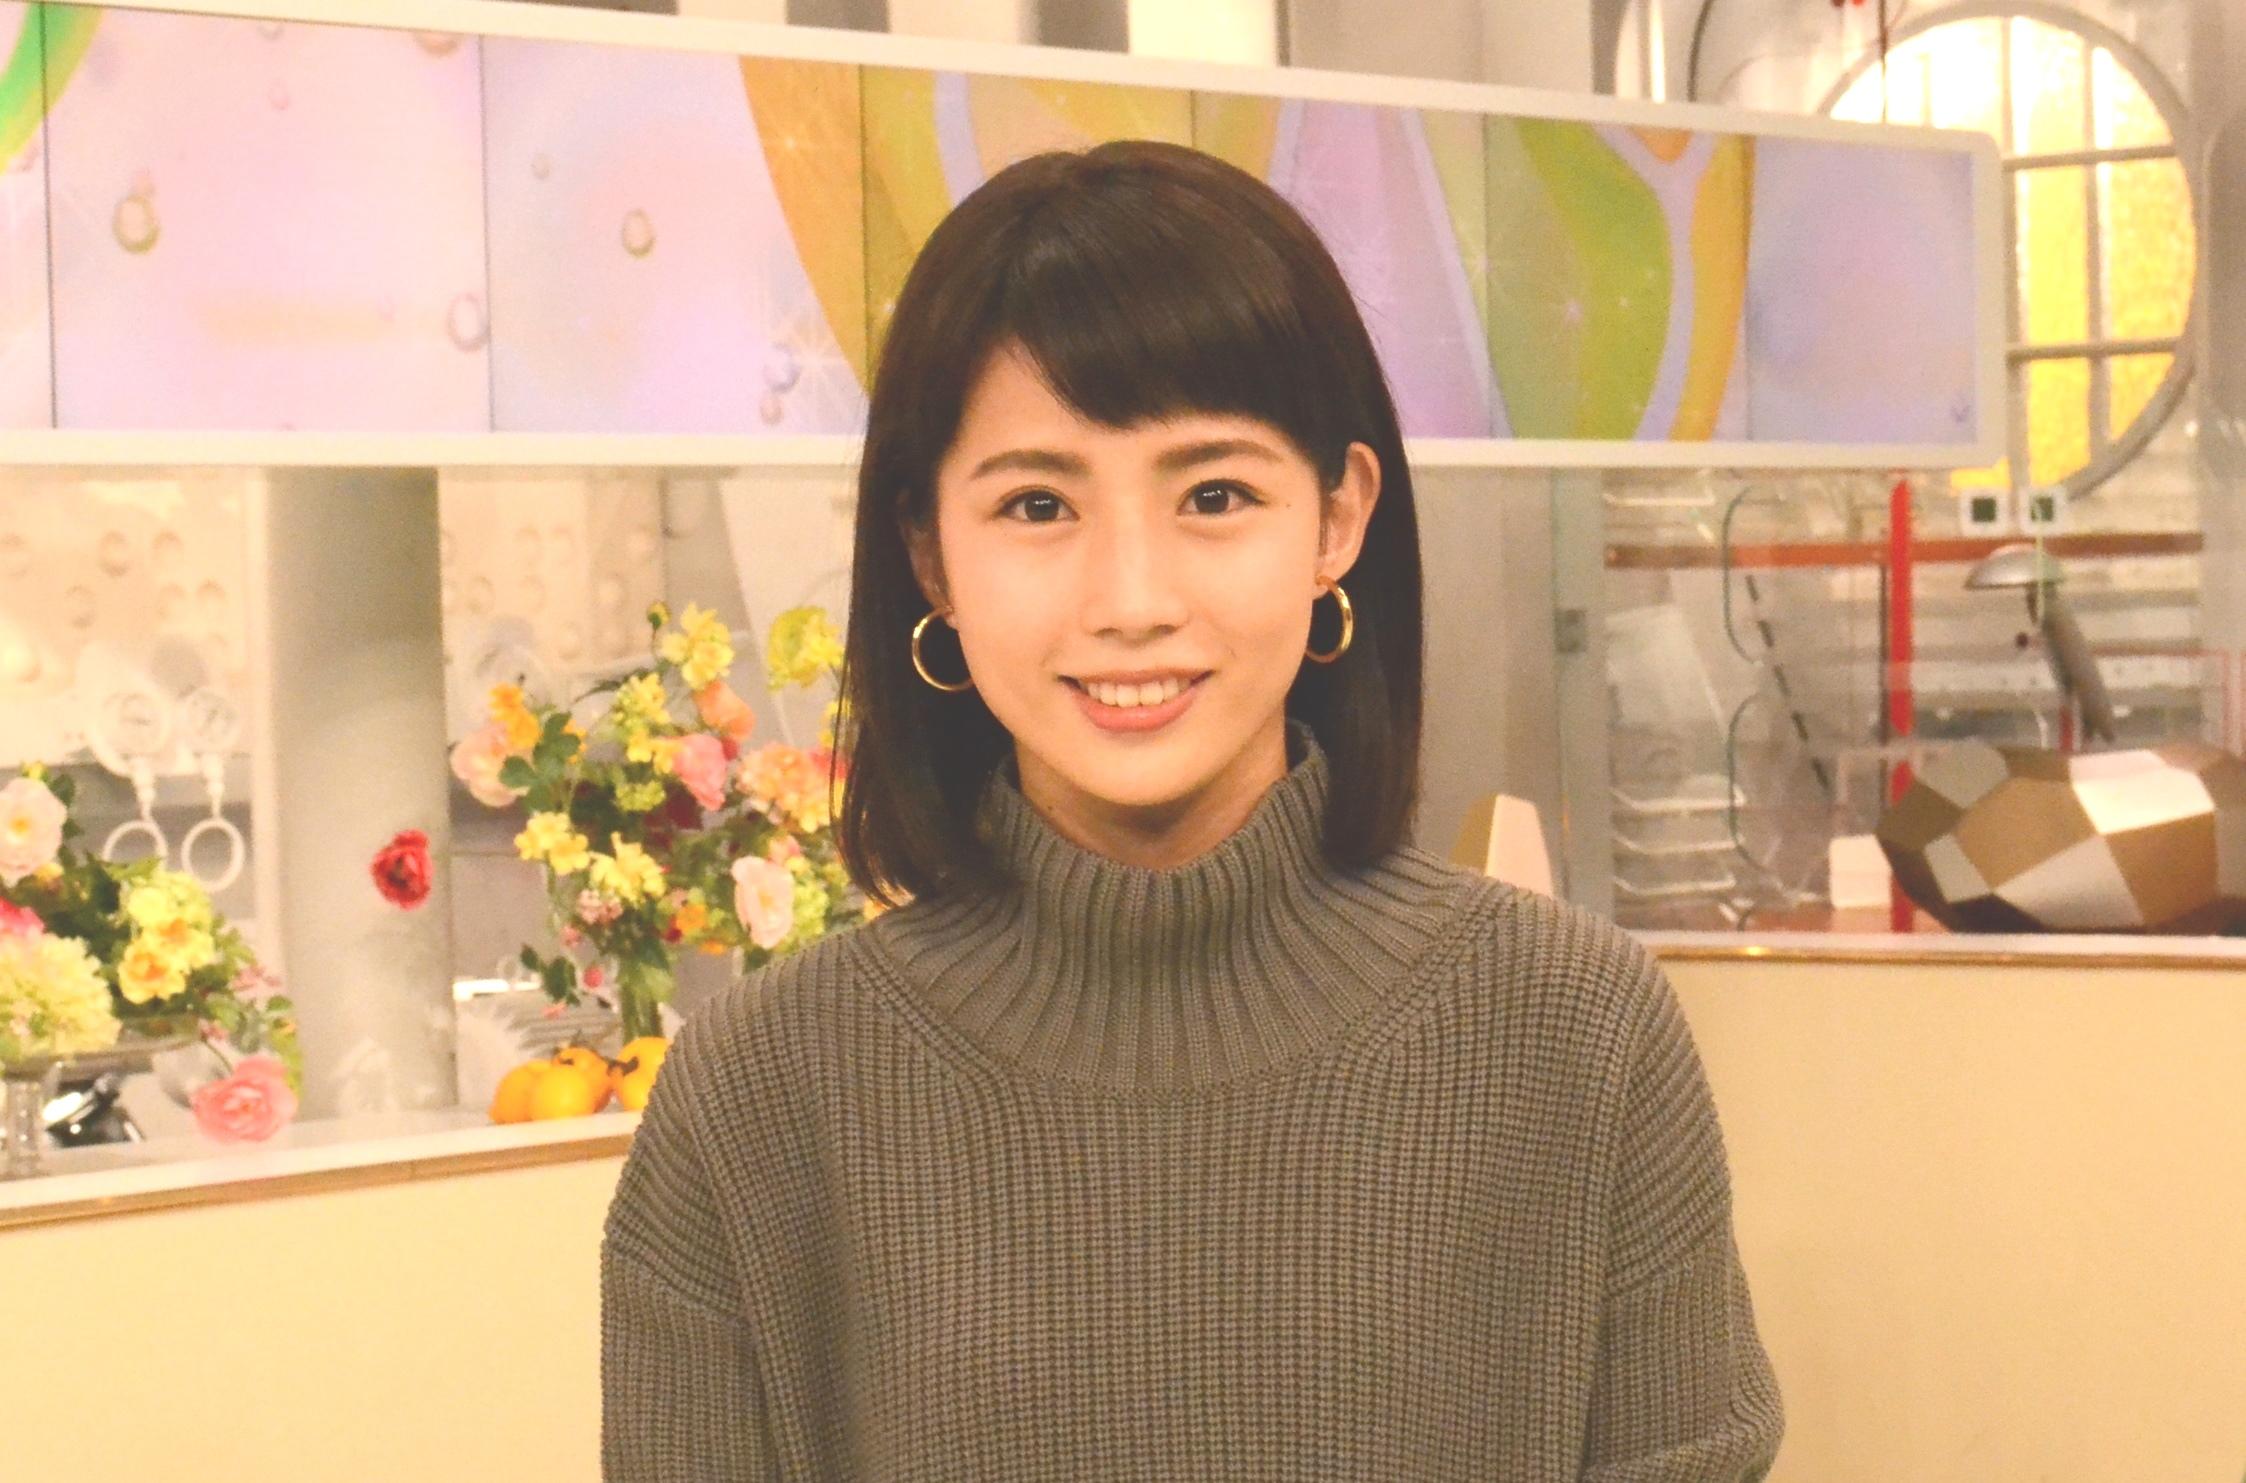 田中萌 小川彩佳・田中萌・松尾由美子